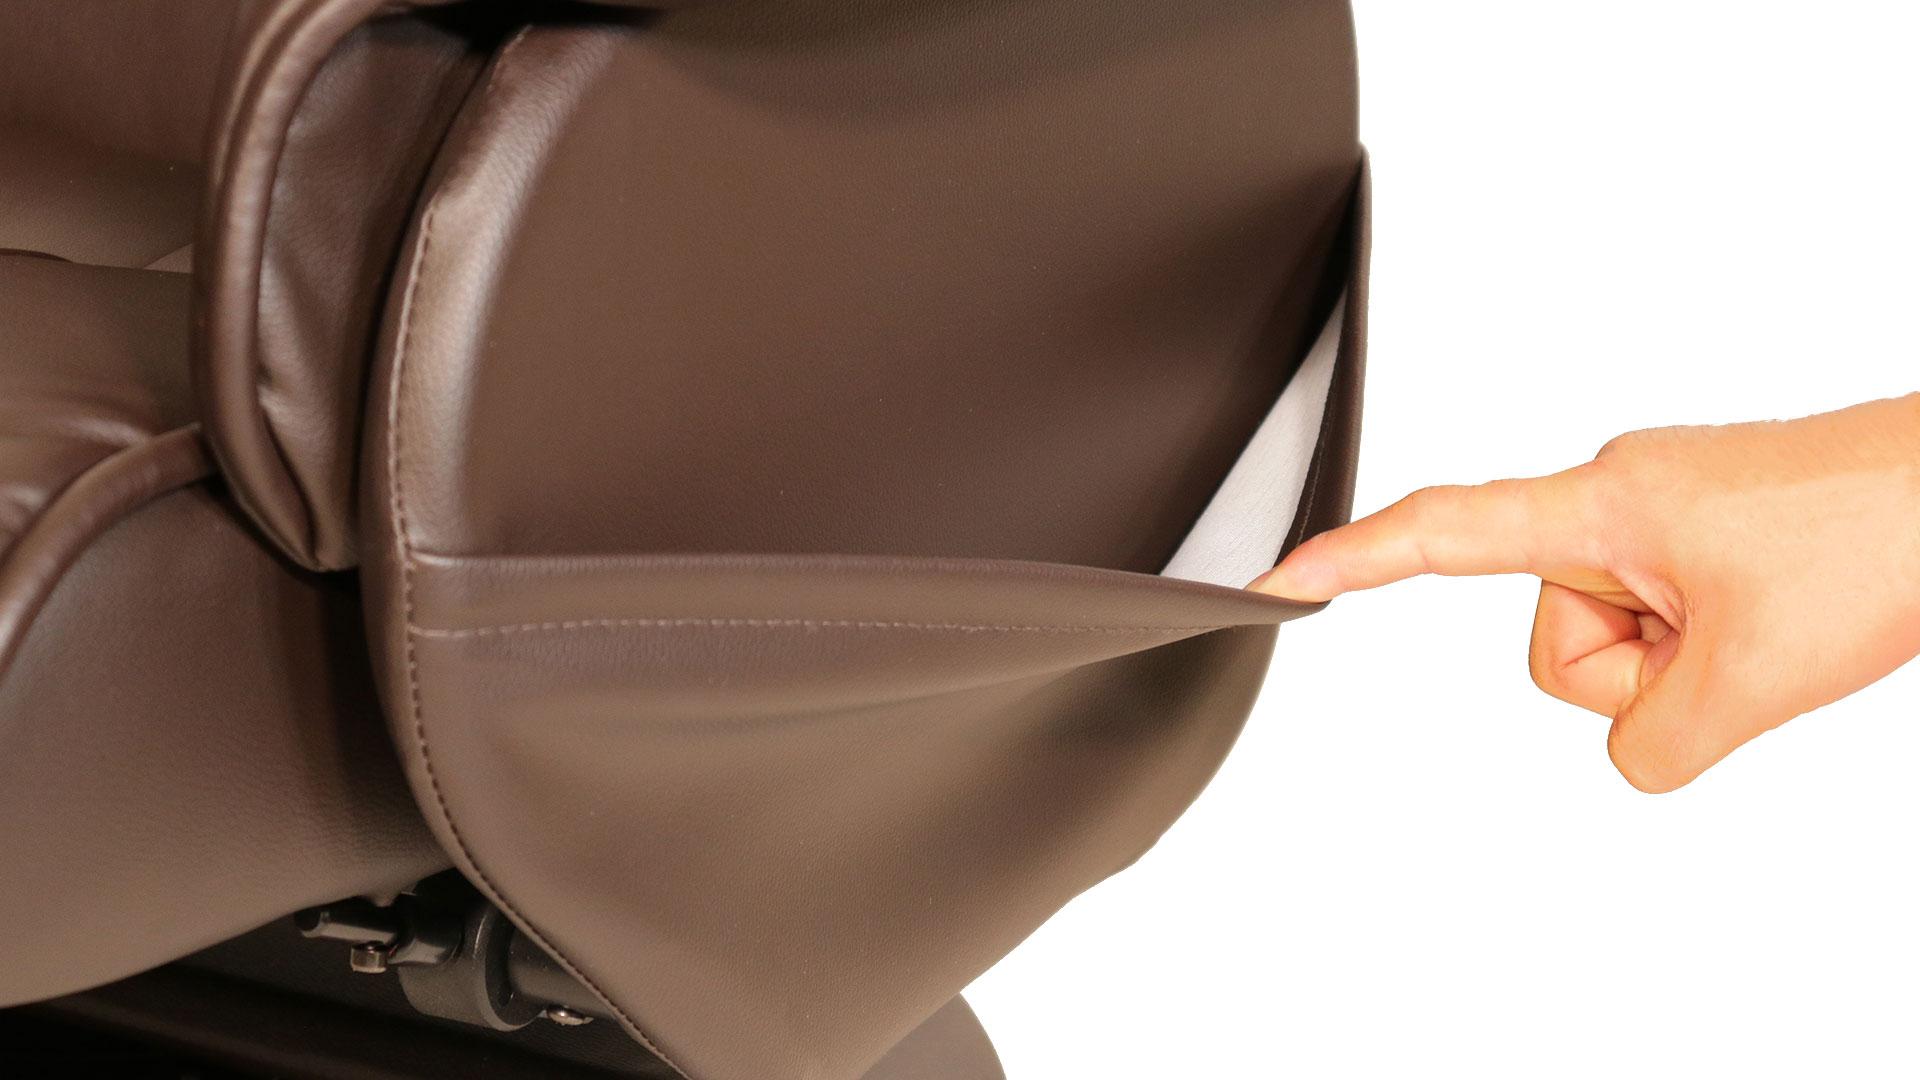 リビンズのリクライニングチェア「ヒューベリオン」のポケットの画像